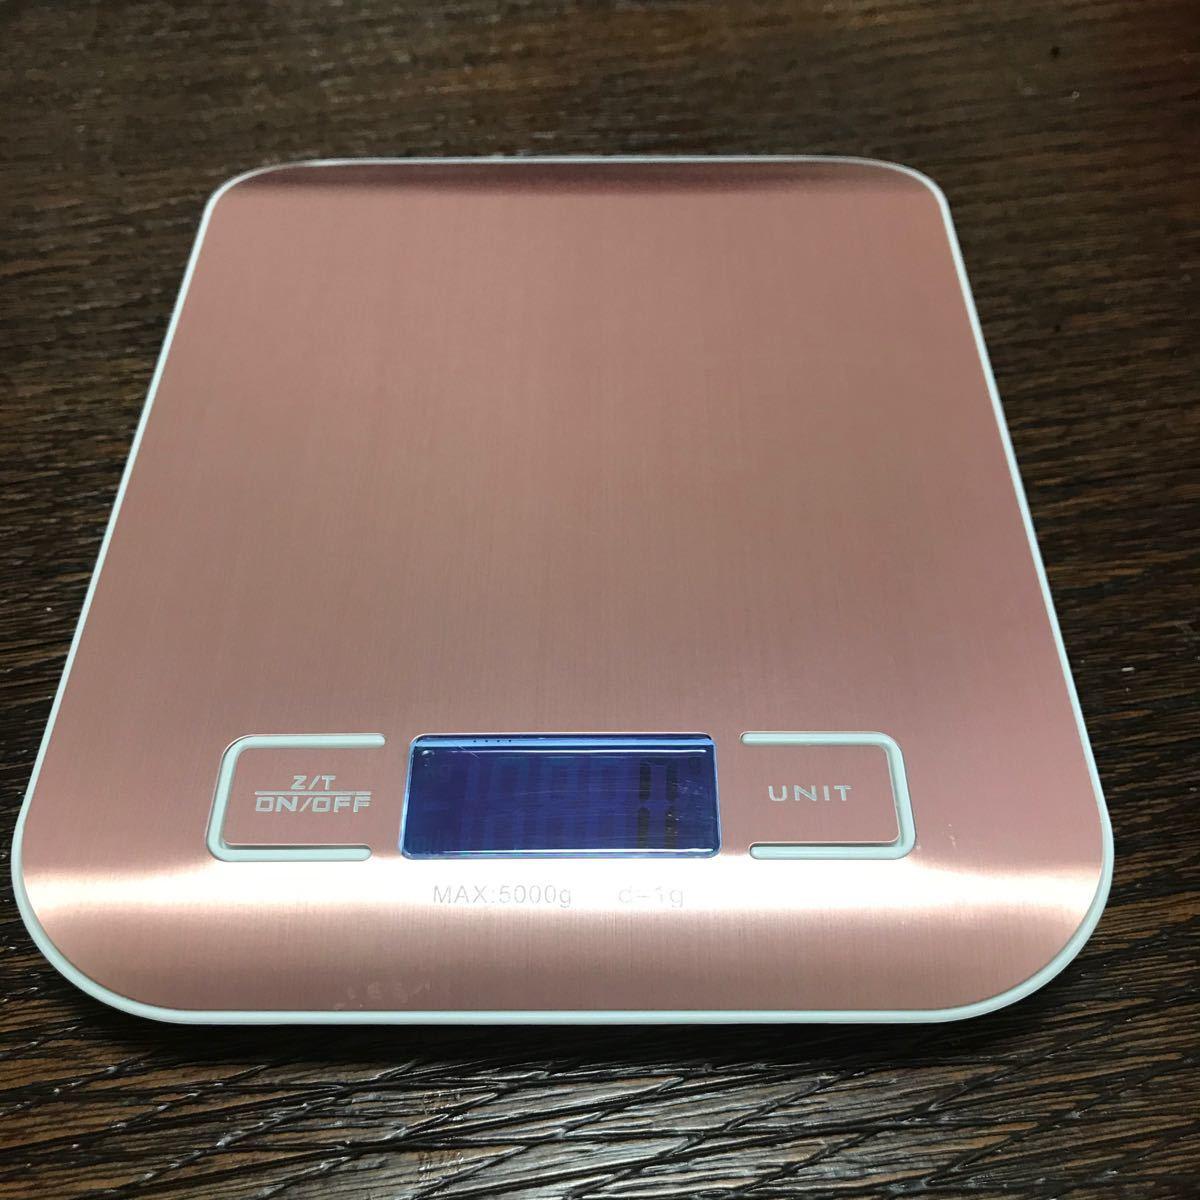 デジタルキッチンスケール1g〜5キロ対応 計量器 ピンク色